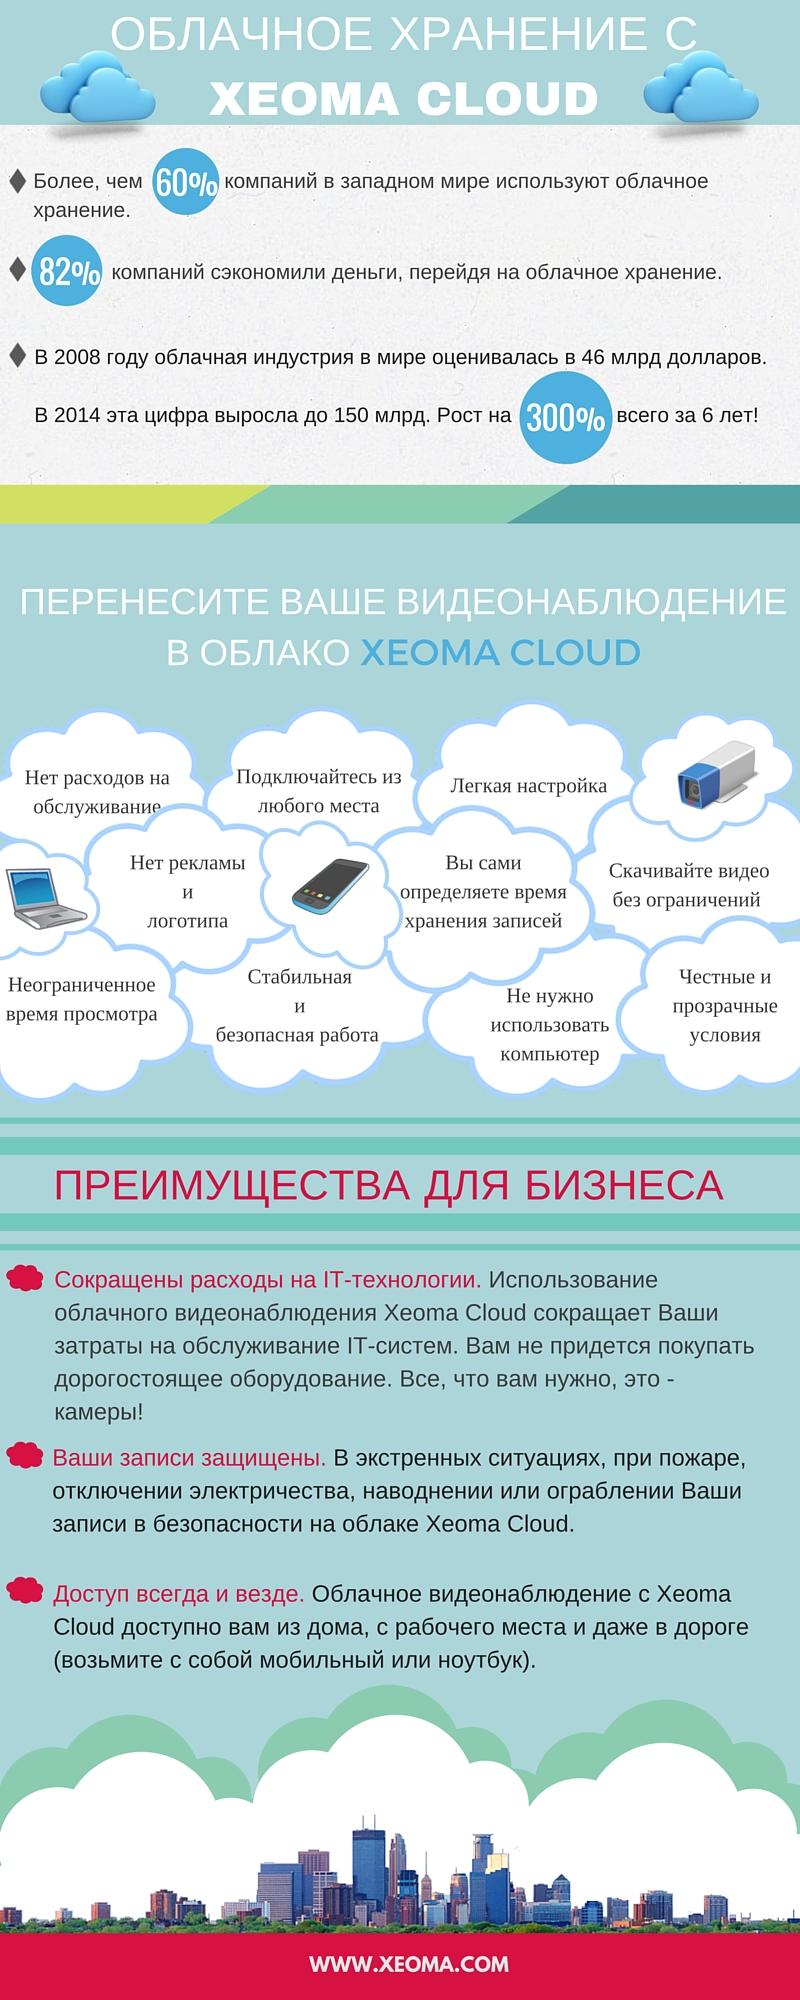 Облачное хранилище Xeoma Cloud для Вашего видеонаблюдения